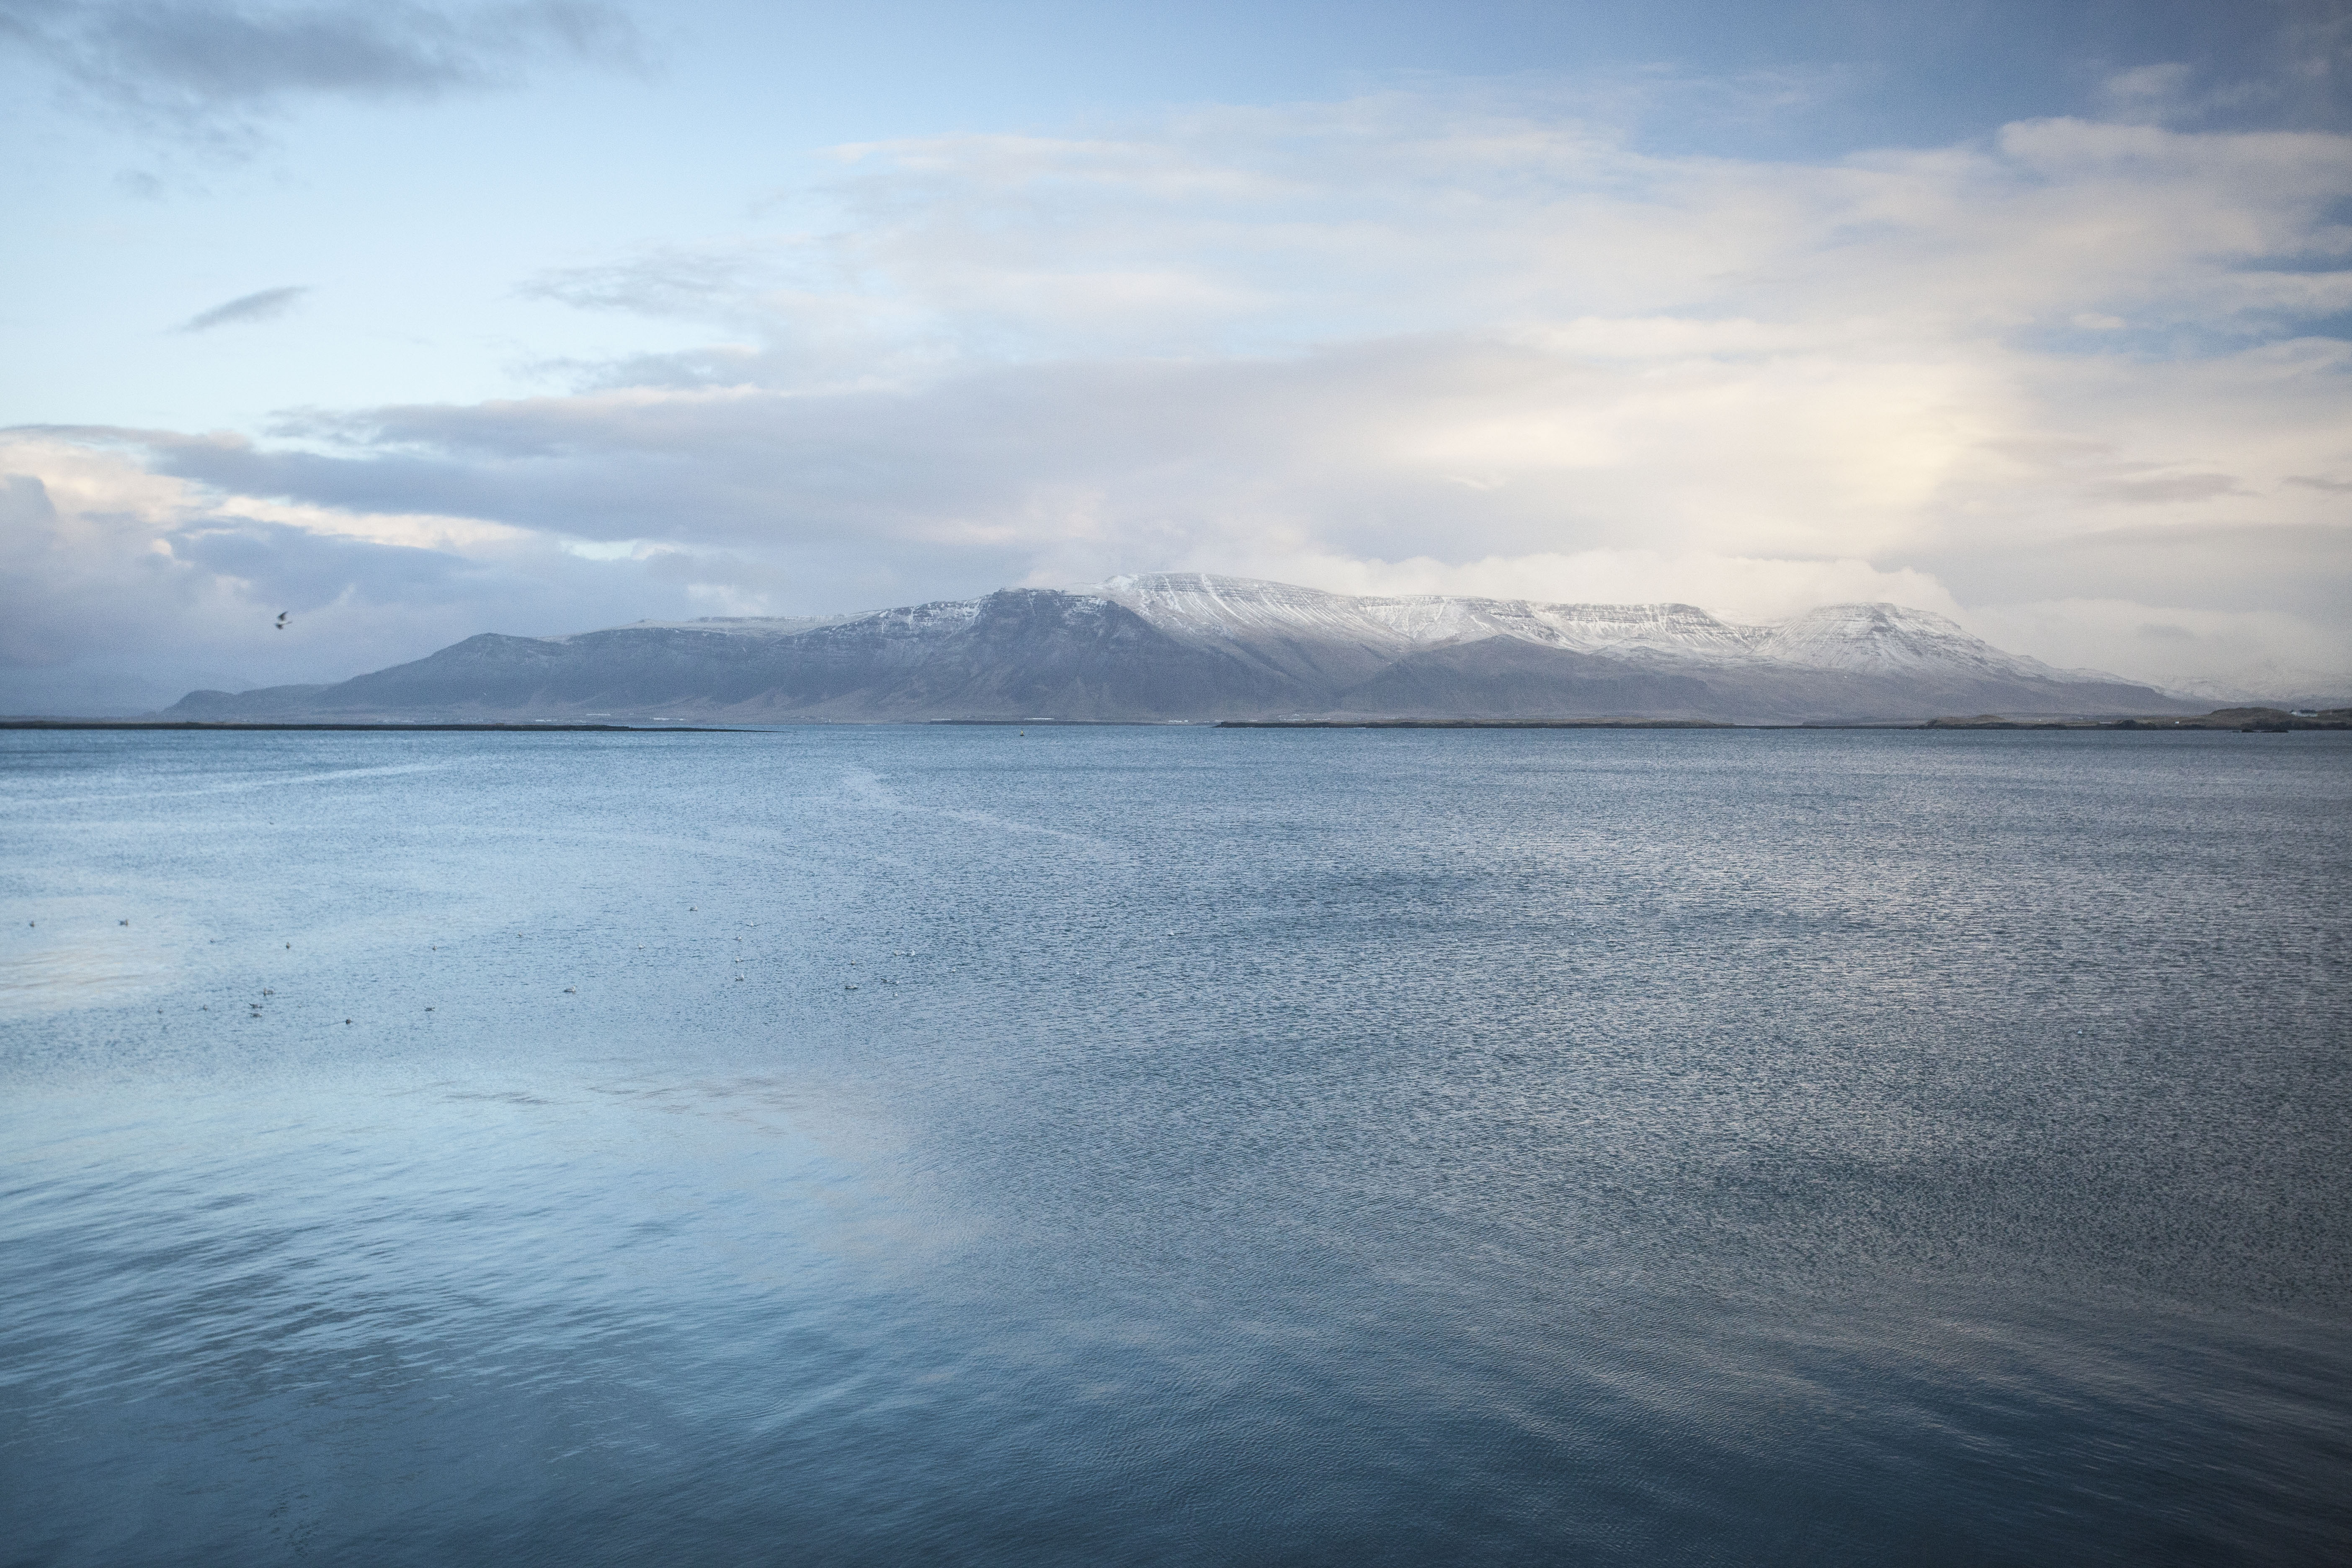 Reykjavik Waterfront. Iceland, 2016.